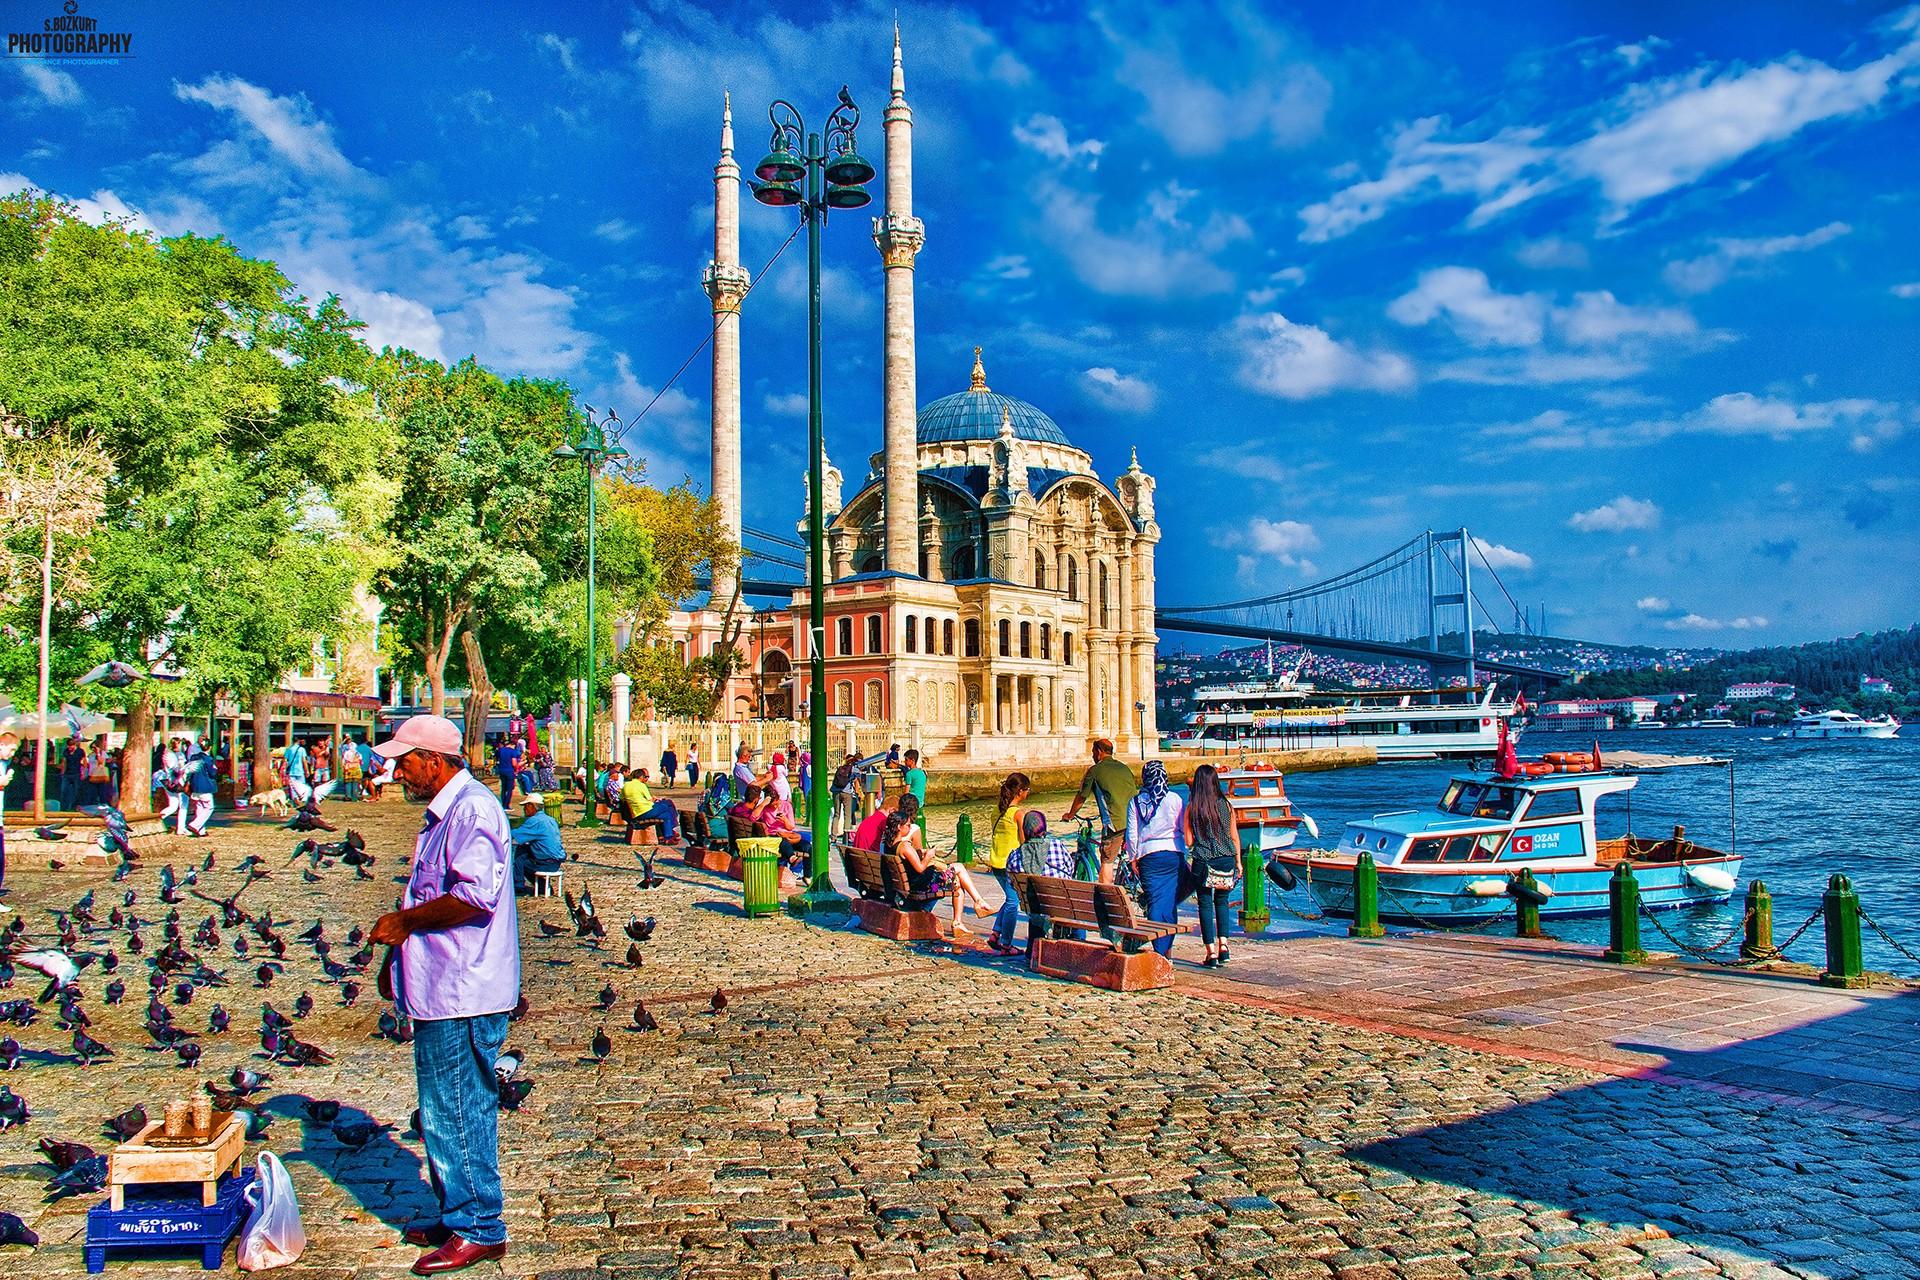 Fondos de pantalla : mar, ciudad, playa, Turismo, Estanbul, Turquía ...